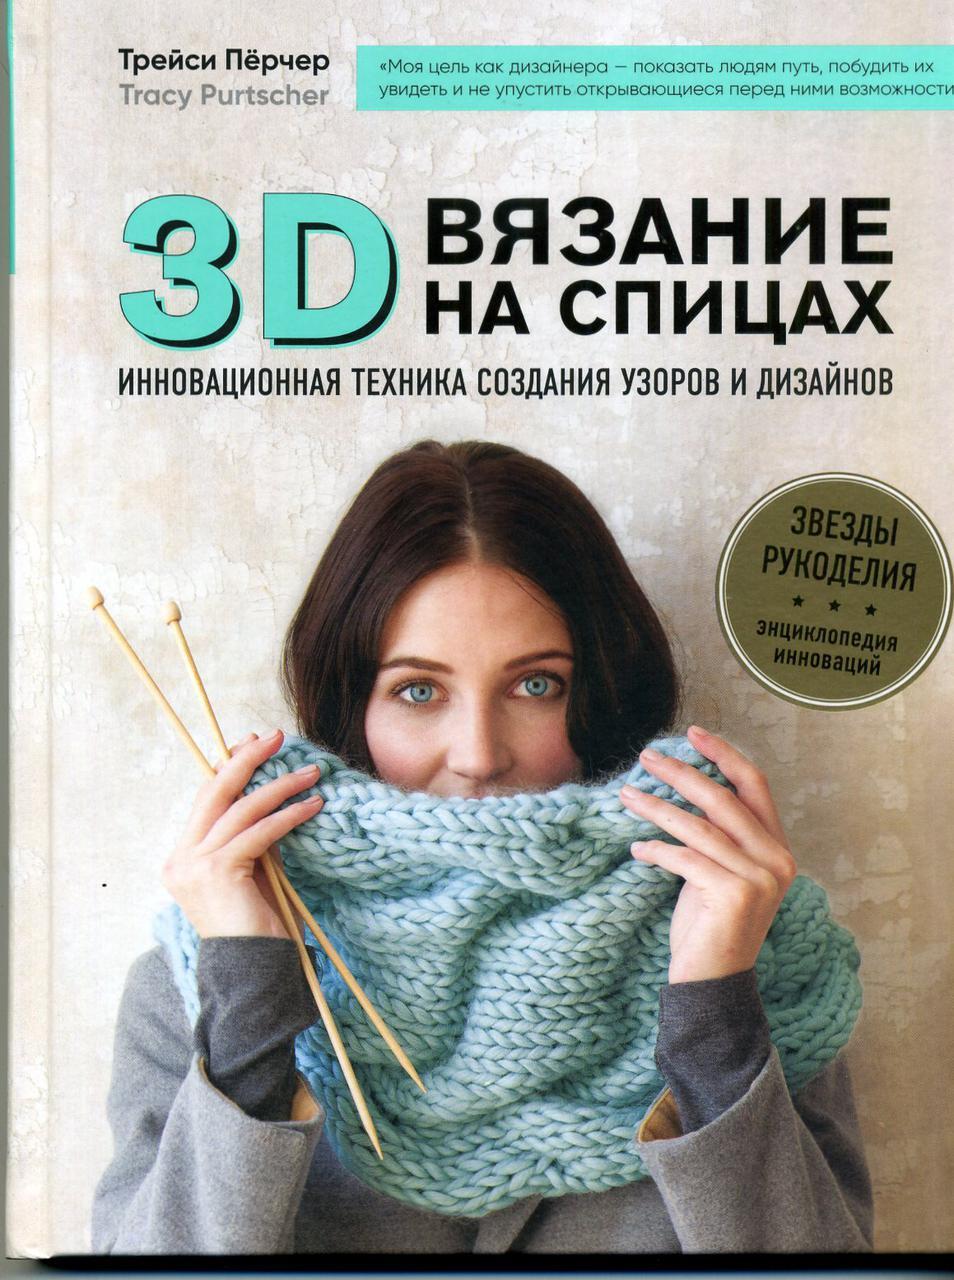 """""""3D вязание на спицах"""" Трейси Пёрчер"""